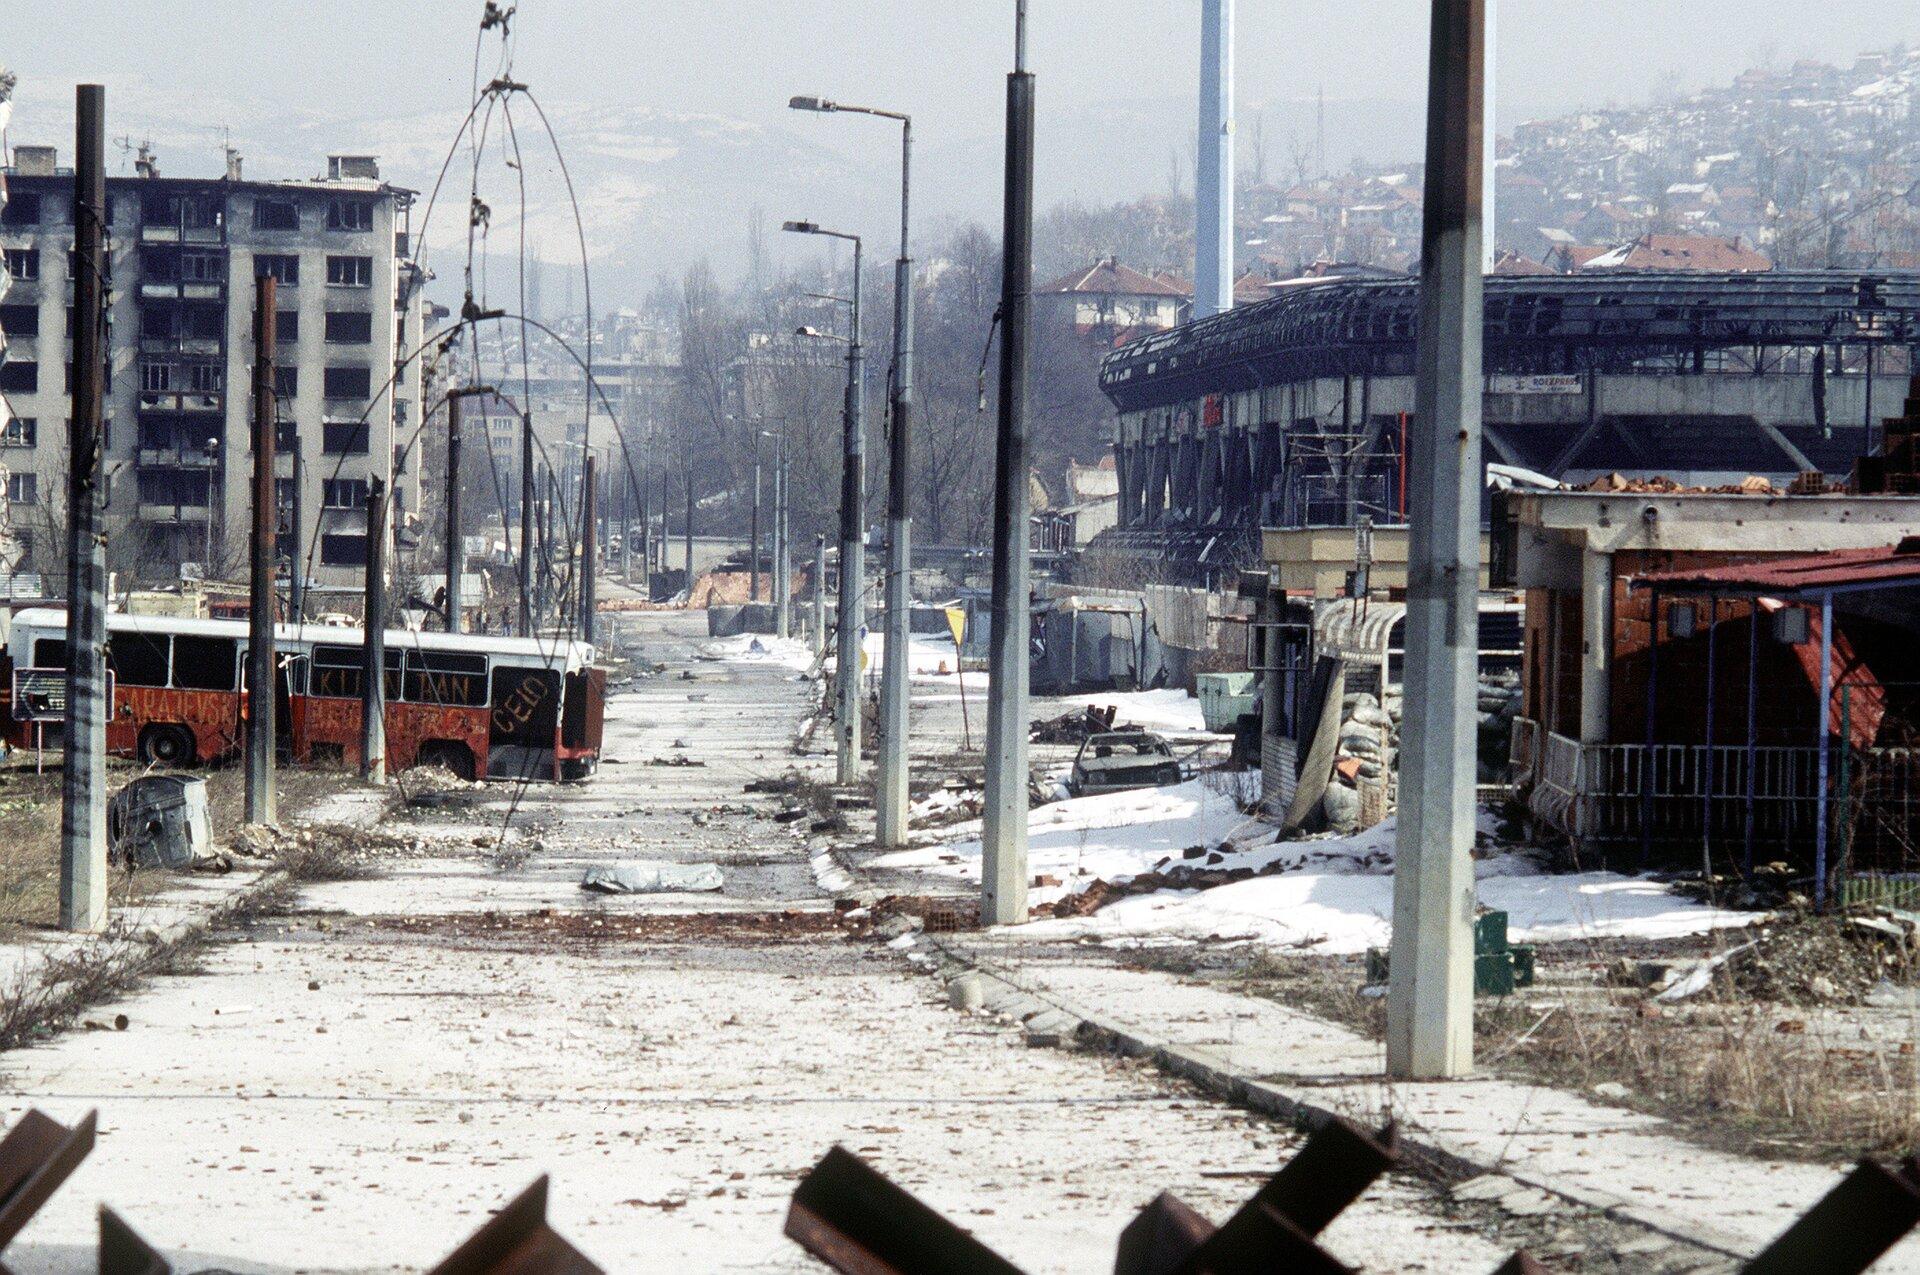 Zdjęcie przedstawia Sarajewo po wojnie wlatach 1992 – 1996. Środek zdjęcie zajmuje asfaltowa ulica biegnąca wzdłuż centrum miasta. Po obu stronach wysokie betonowe latarnie. Wgłębi zdjęcia zniszczony spalony autobus. Autobus stoi wpoprzek . Po obu stronach ulicy zniszczone zabudowania. Ulica, chodniki, pobocza ibudynki są pokryte cienką warstwą śniegu. Wgłębi zdjęcia, za miastem, budynki na zboczu wzgórza. Wzgórze znajduje się po prawej stronie miasta. Dachy budynków pokryte białą warstwą śniegu.